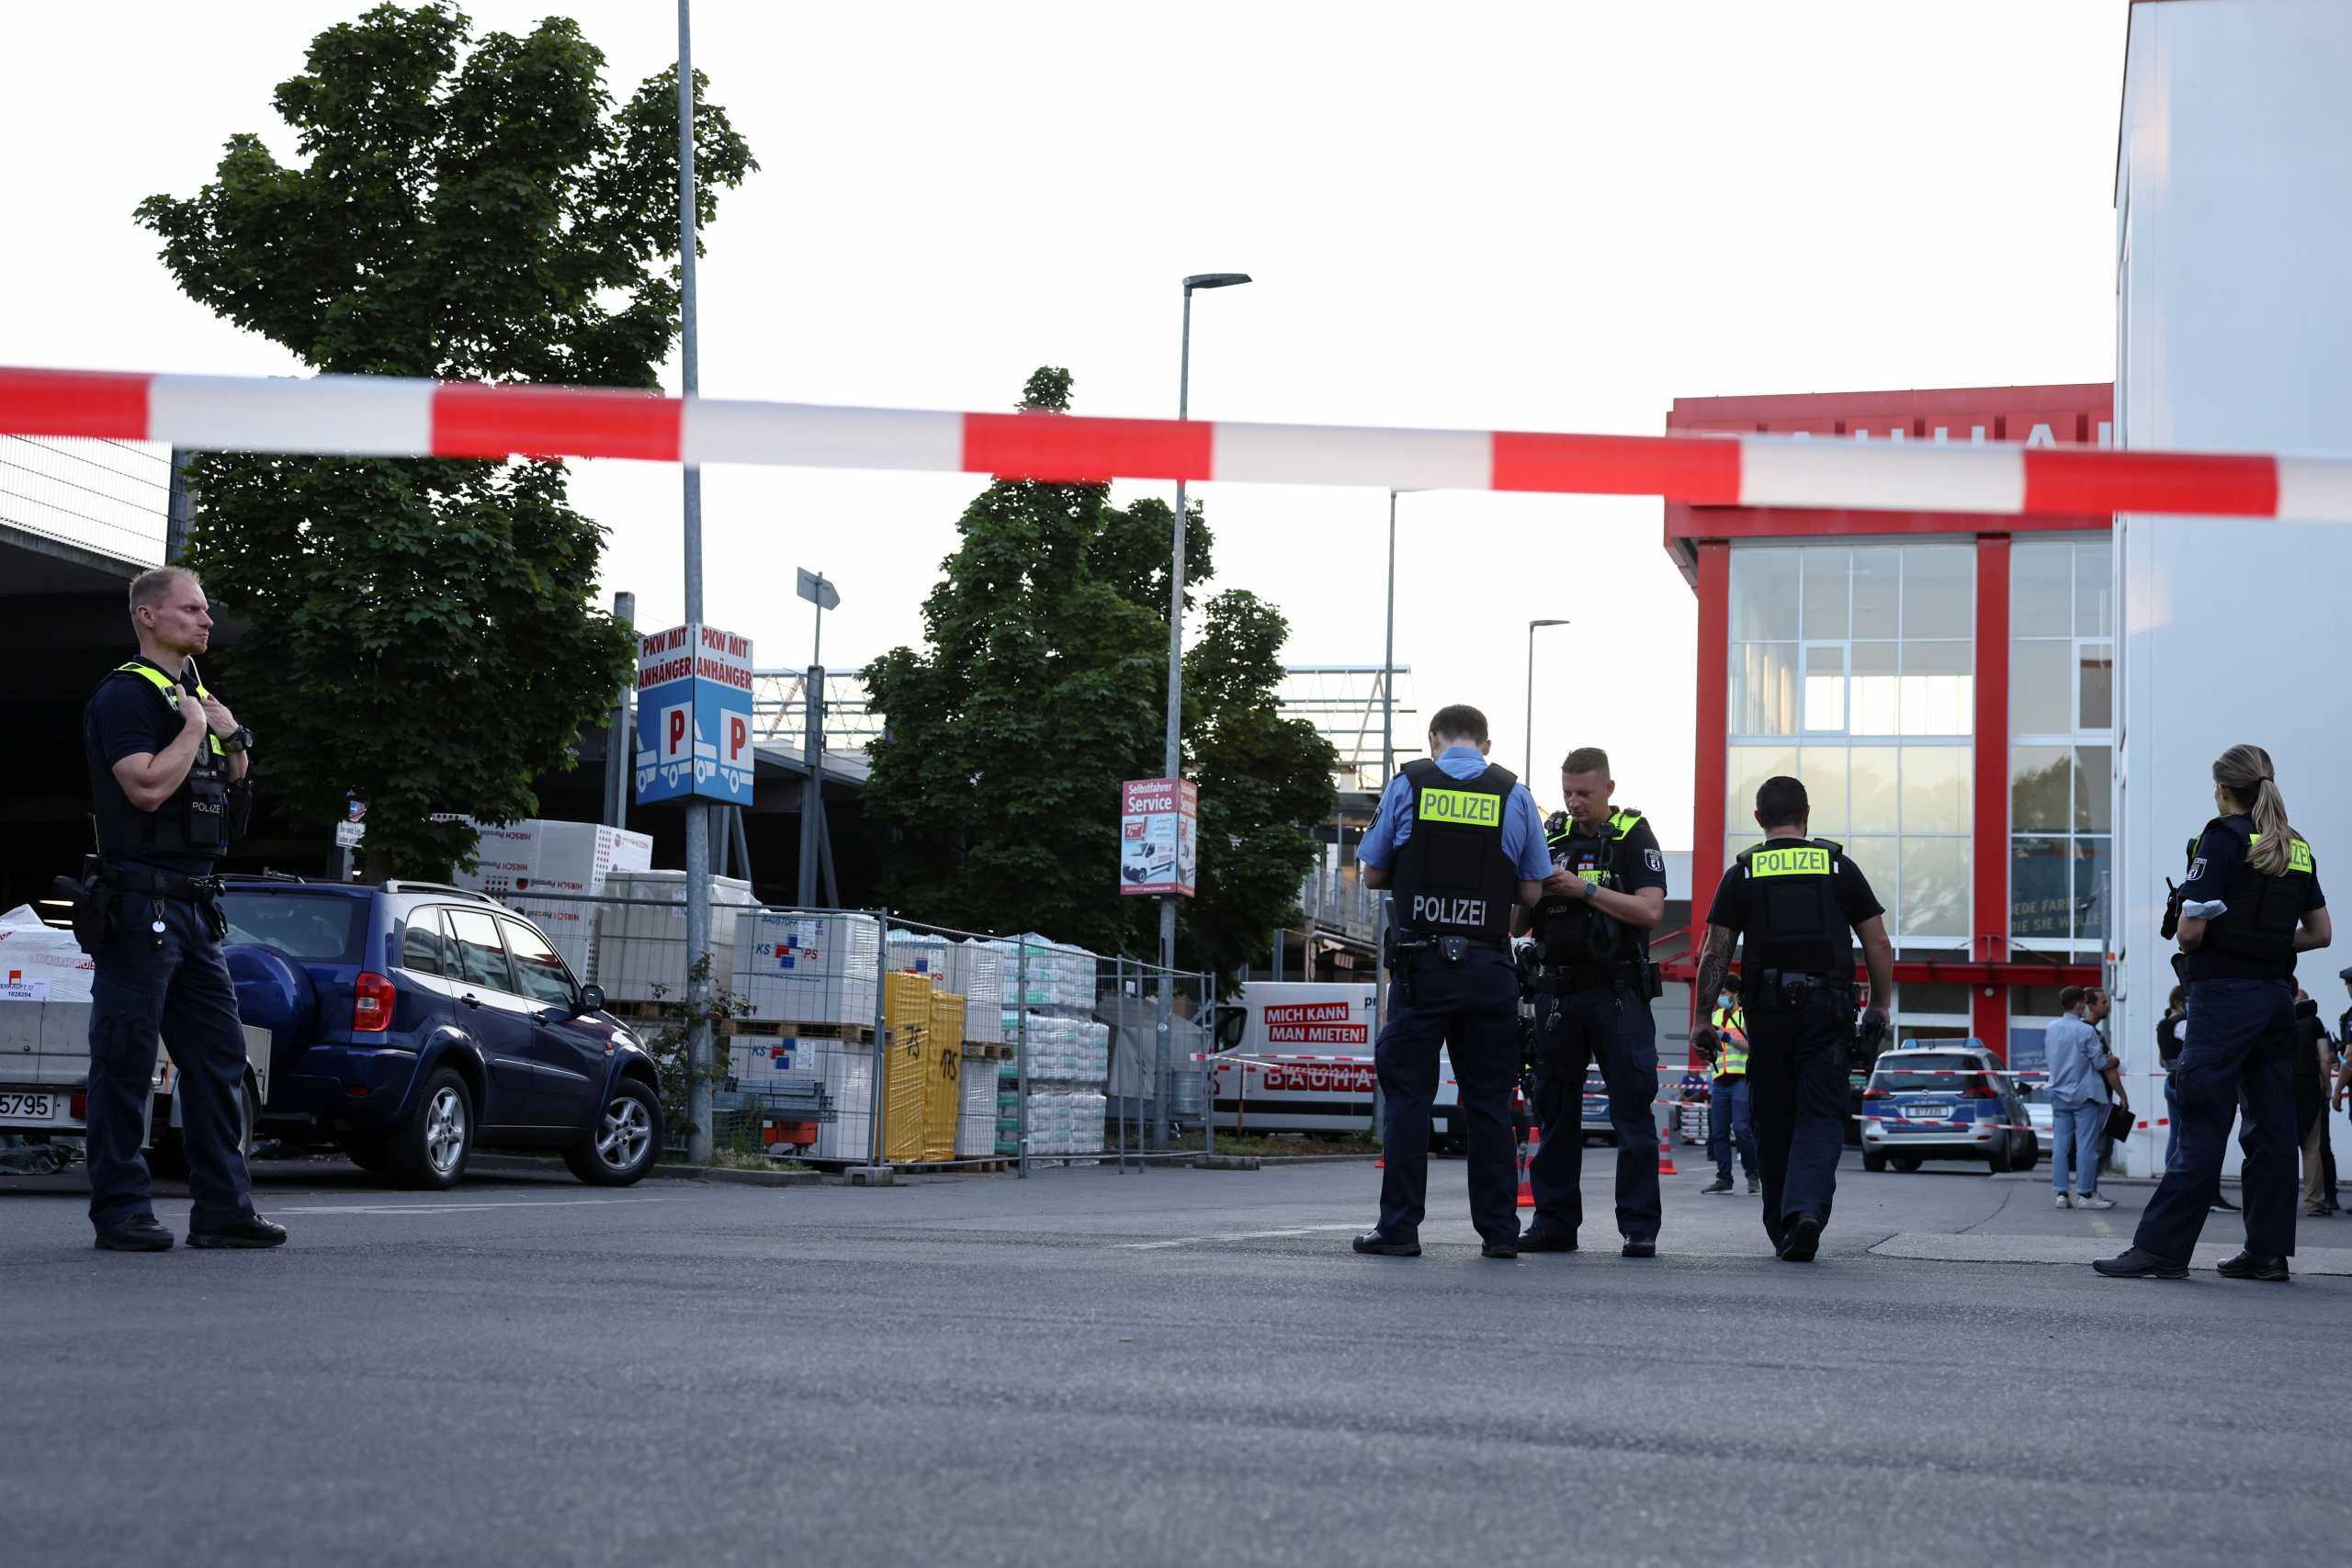 Γερμανία: Πυροβολισμοί με αρκετούς τραυματίες στο Βερολίνο